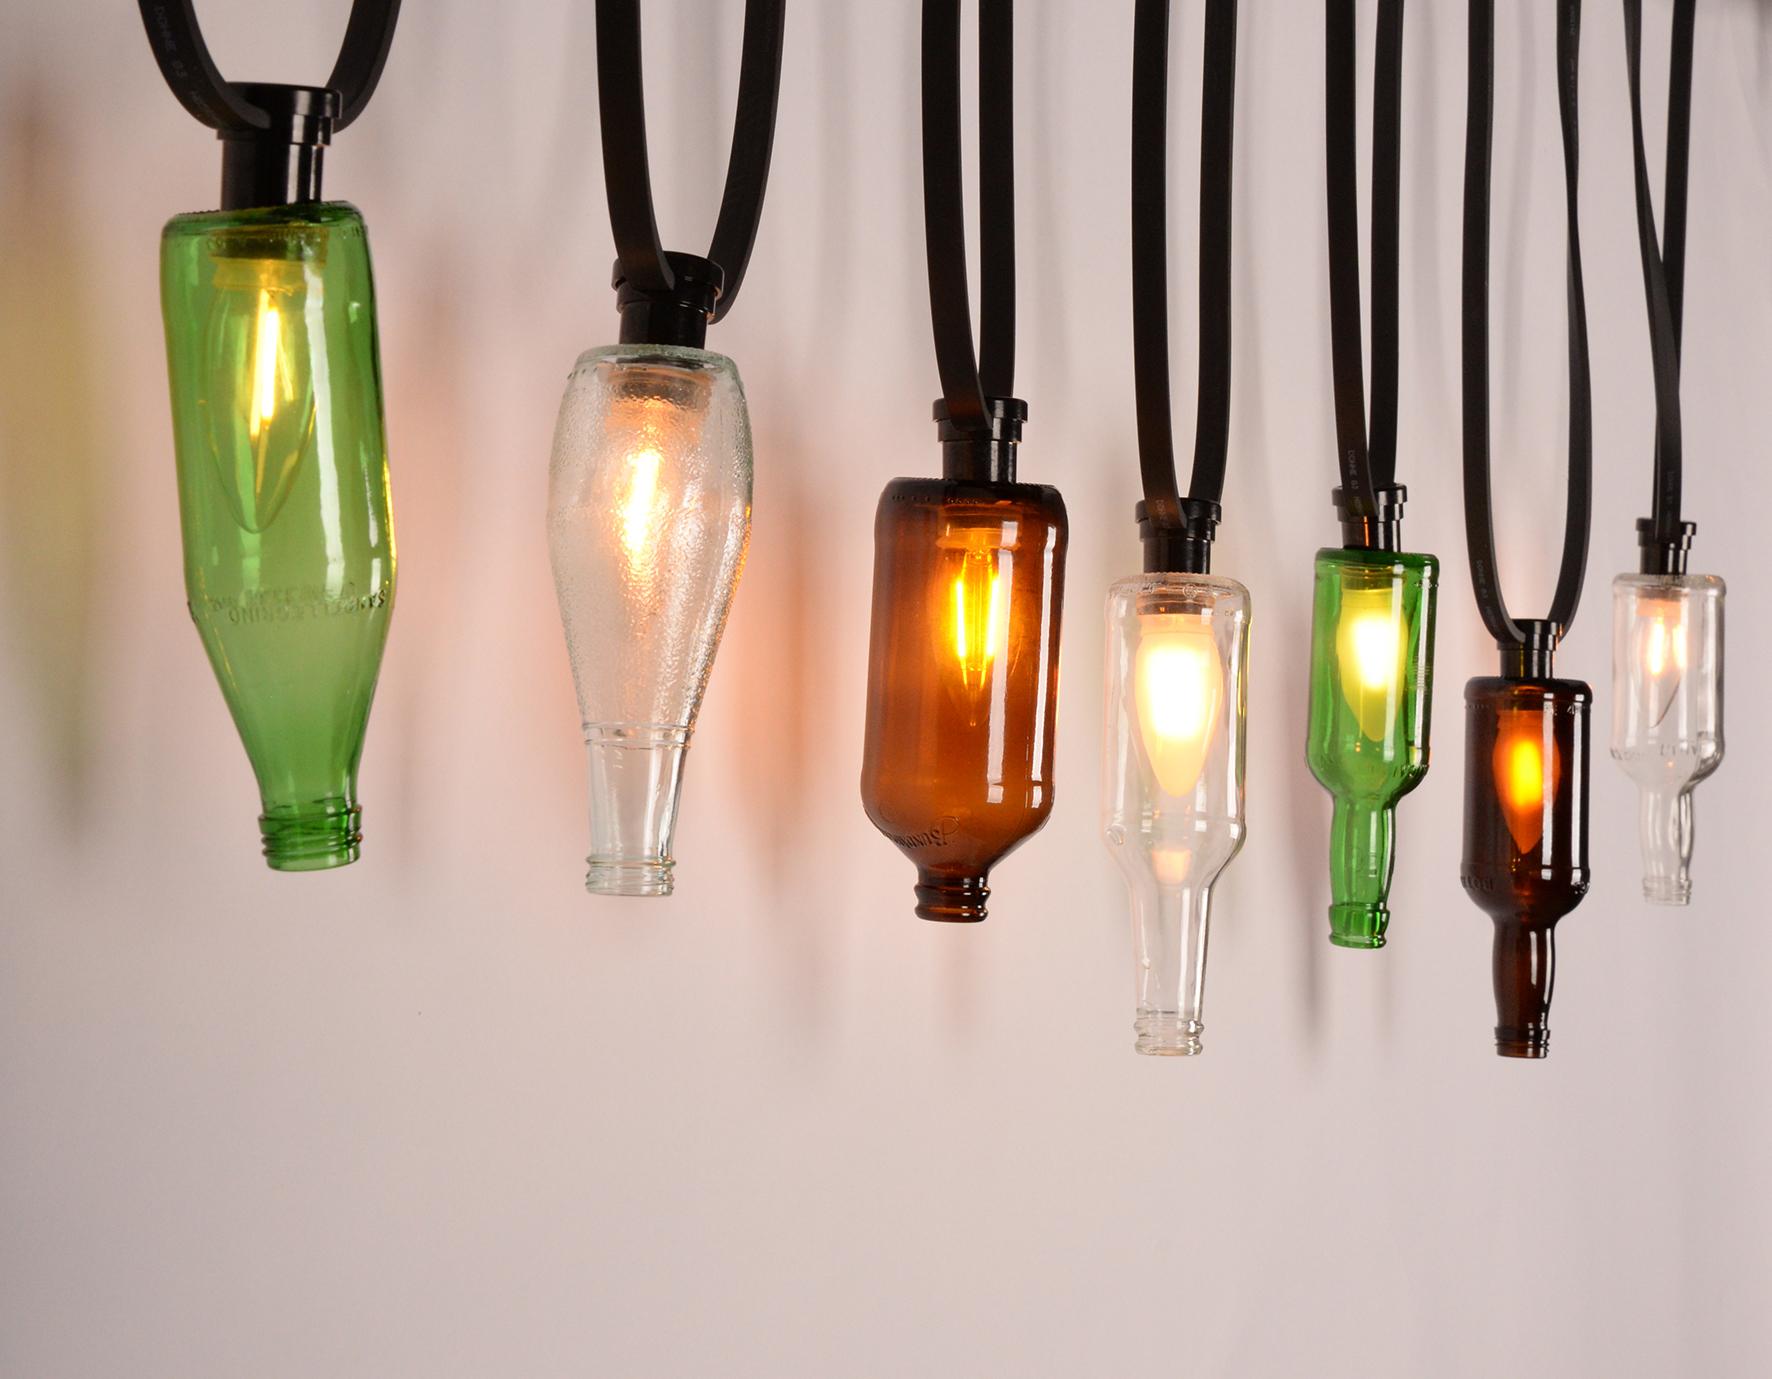 Soda-lights